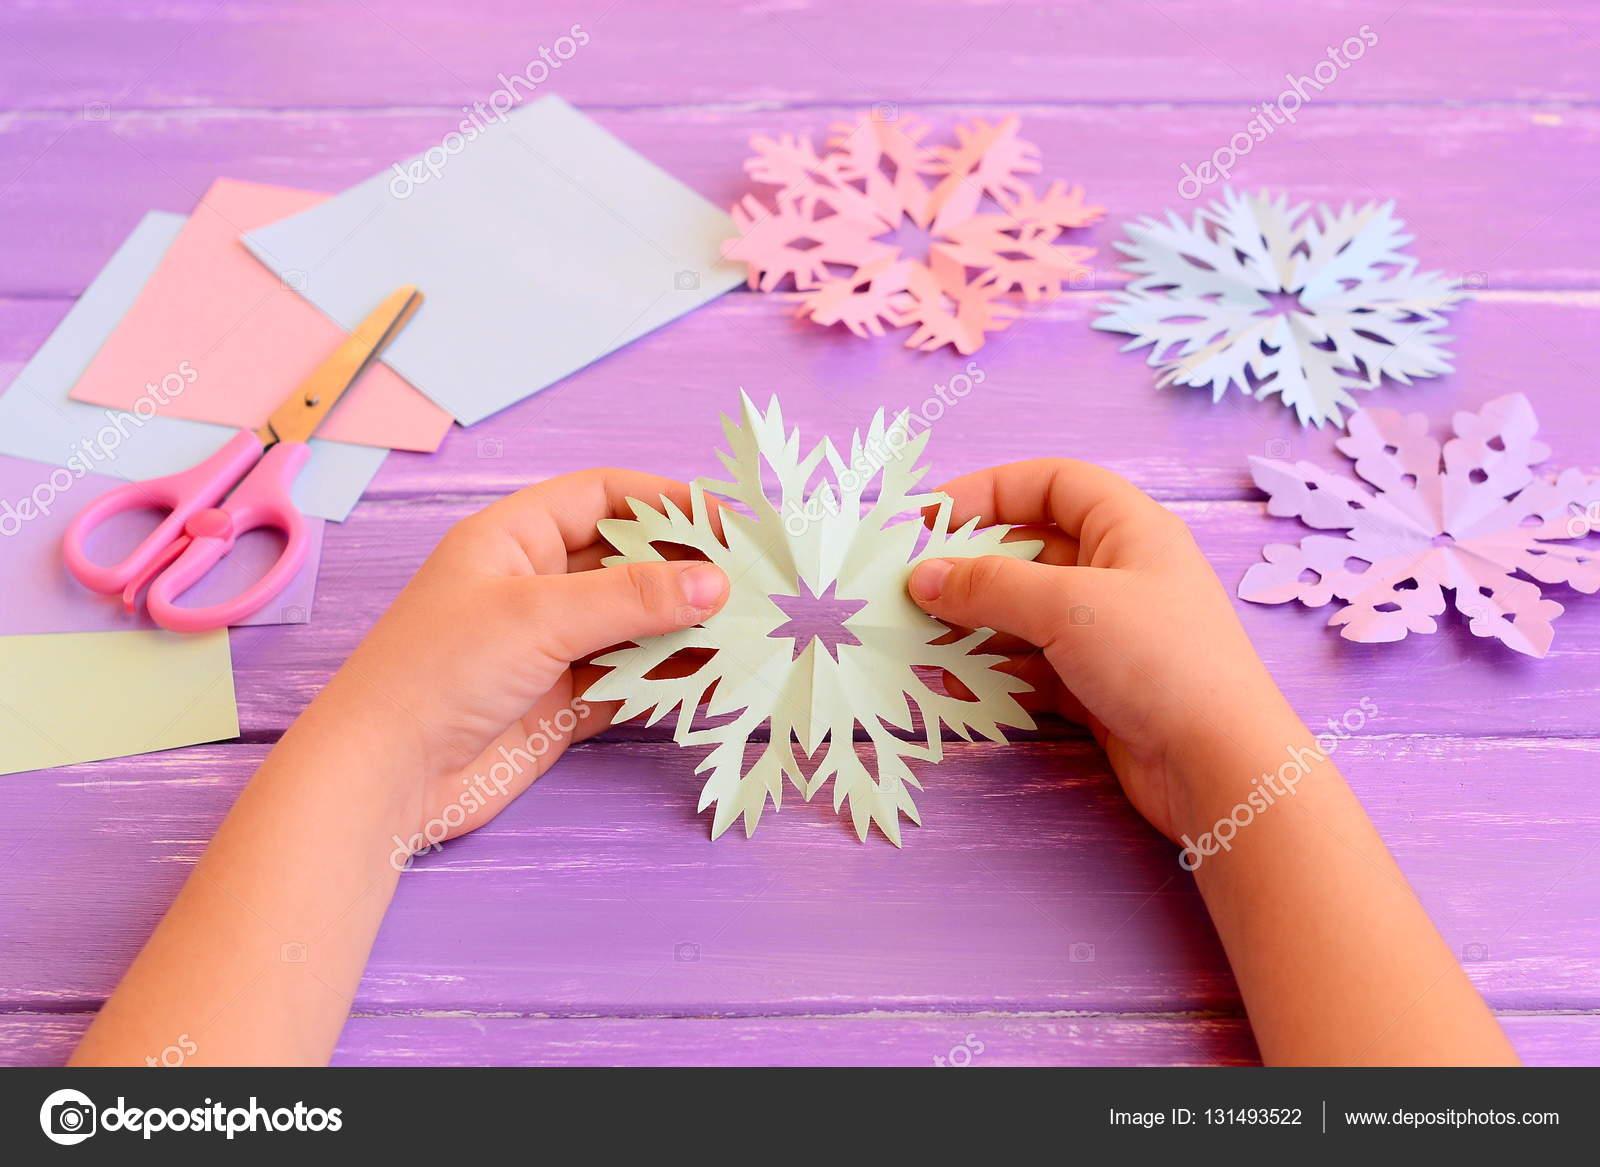 Fiocchi Di Neve Di Carta Facili : Il bambino tiene un fiocco di neve di carta nelle mani il bambino